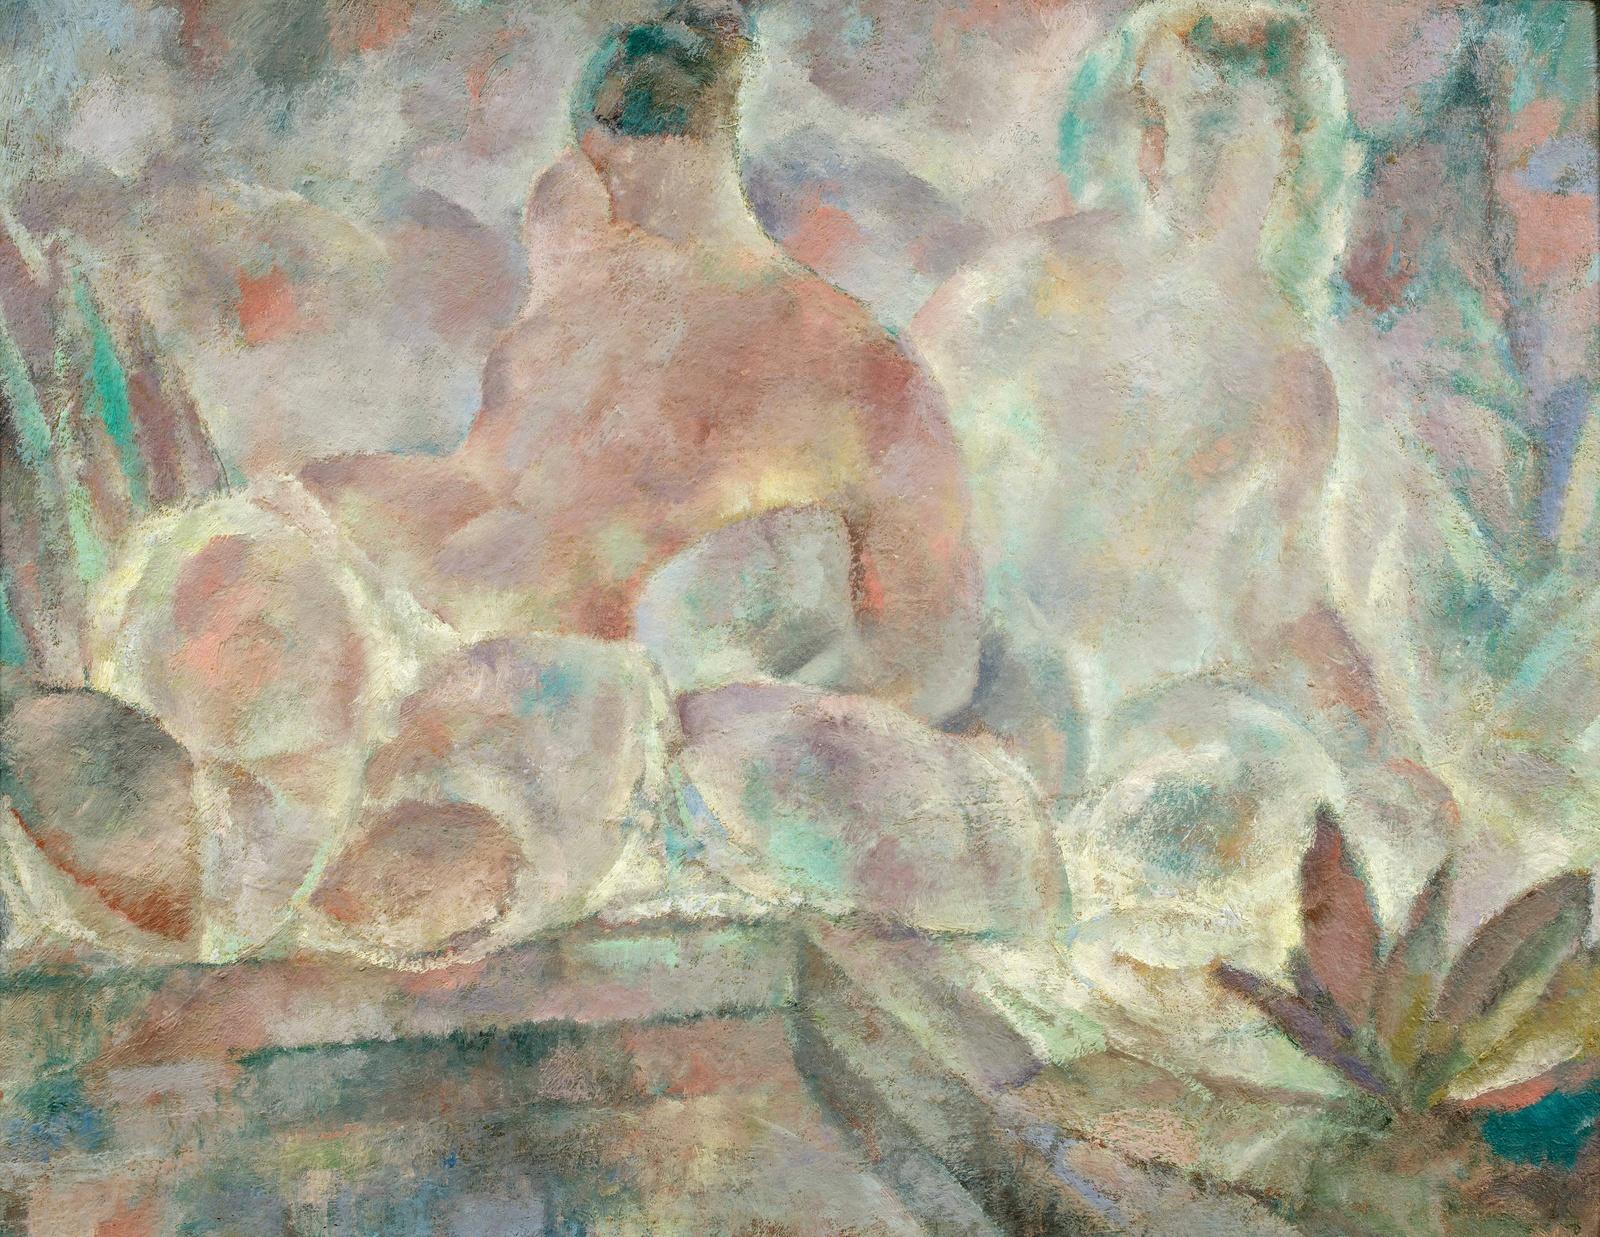 1918_Женщины у бассейна (Femmes au bord de la piscine)_50 x 65_х.,м._Частное собрание.jpg